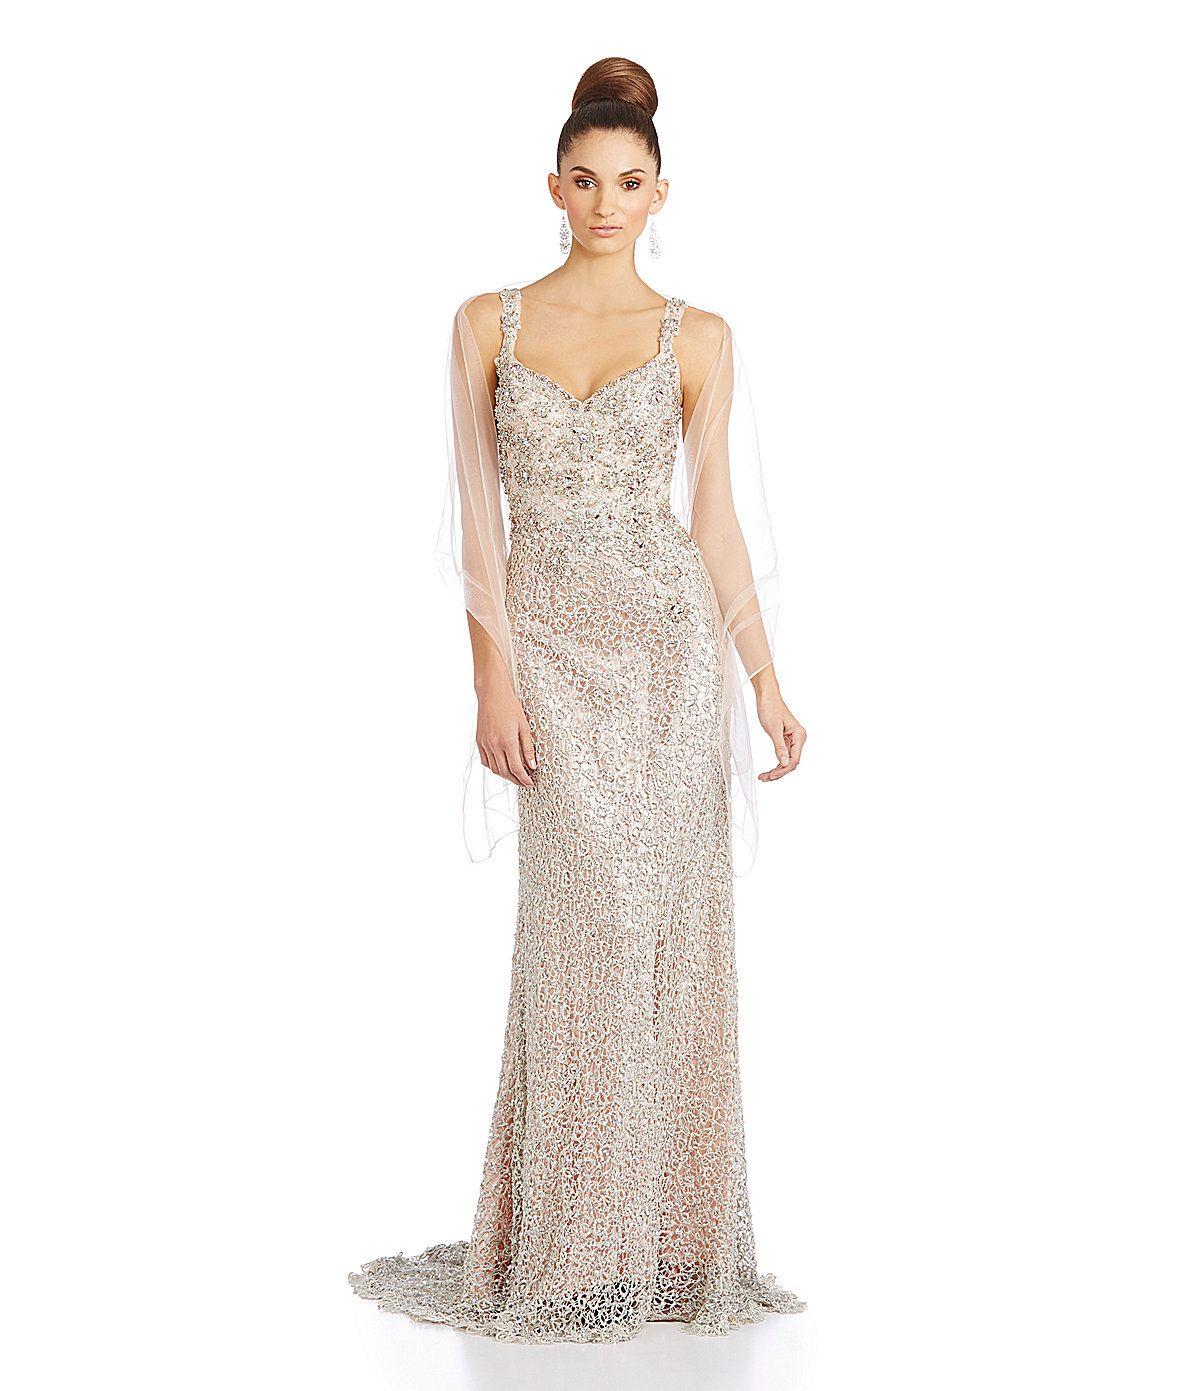 Großzügig Dillards Hochzeitskleider Galerie - Brautkleider Ideen ...